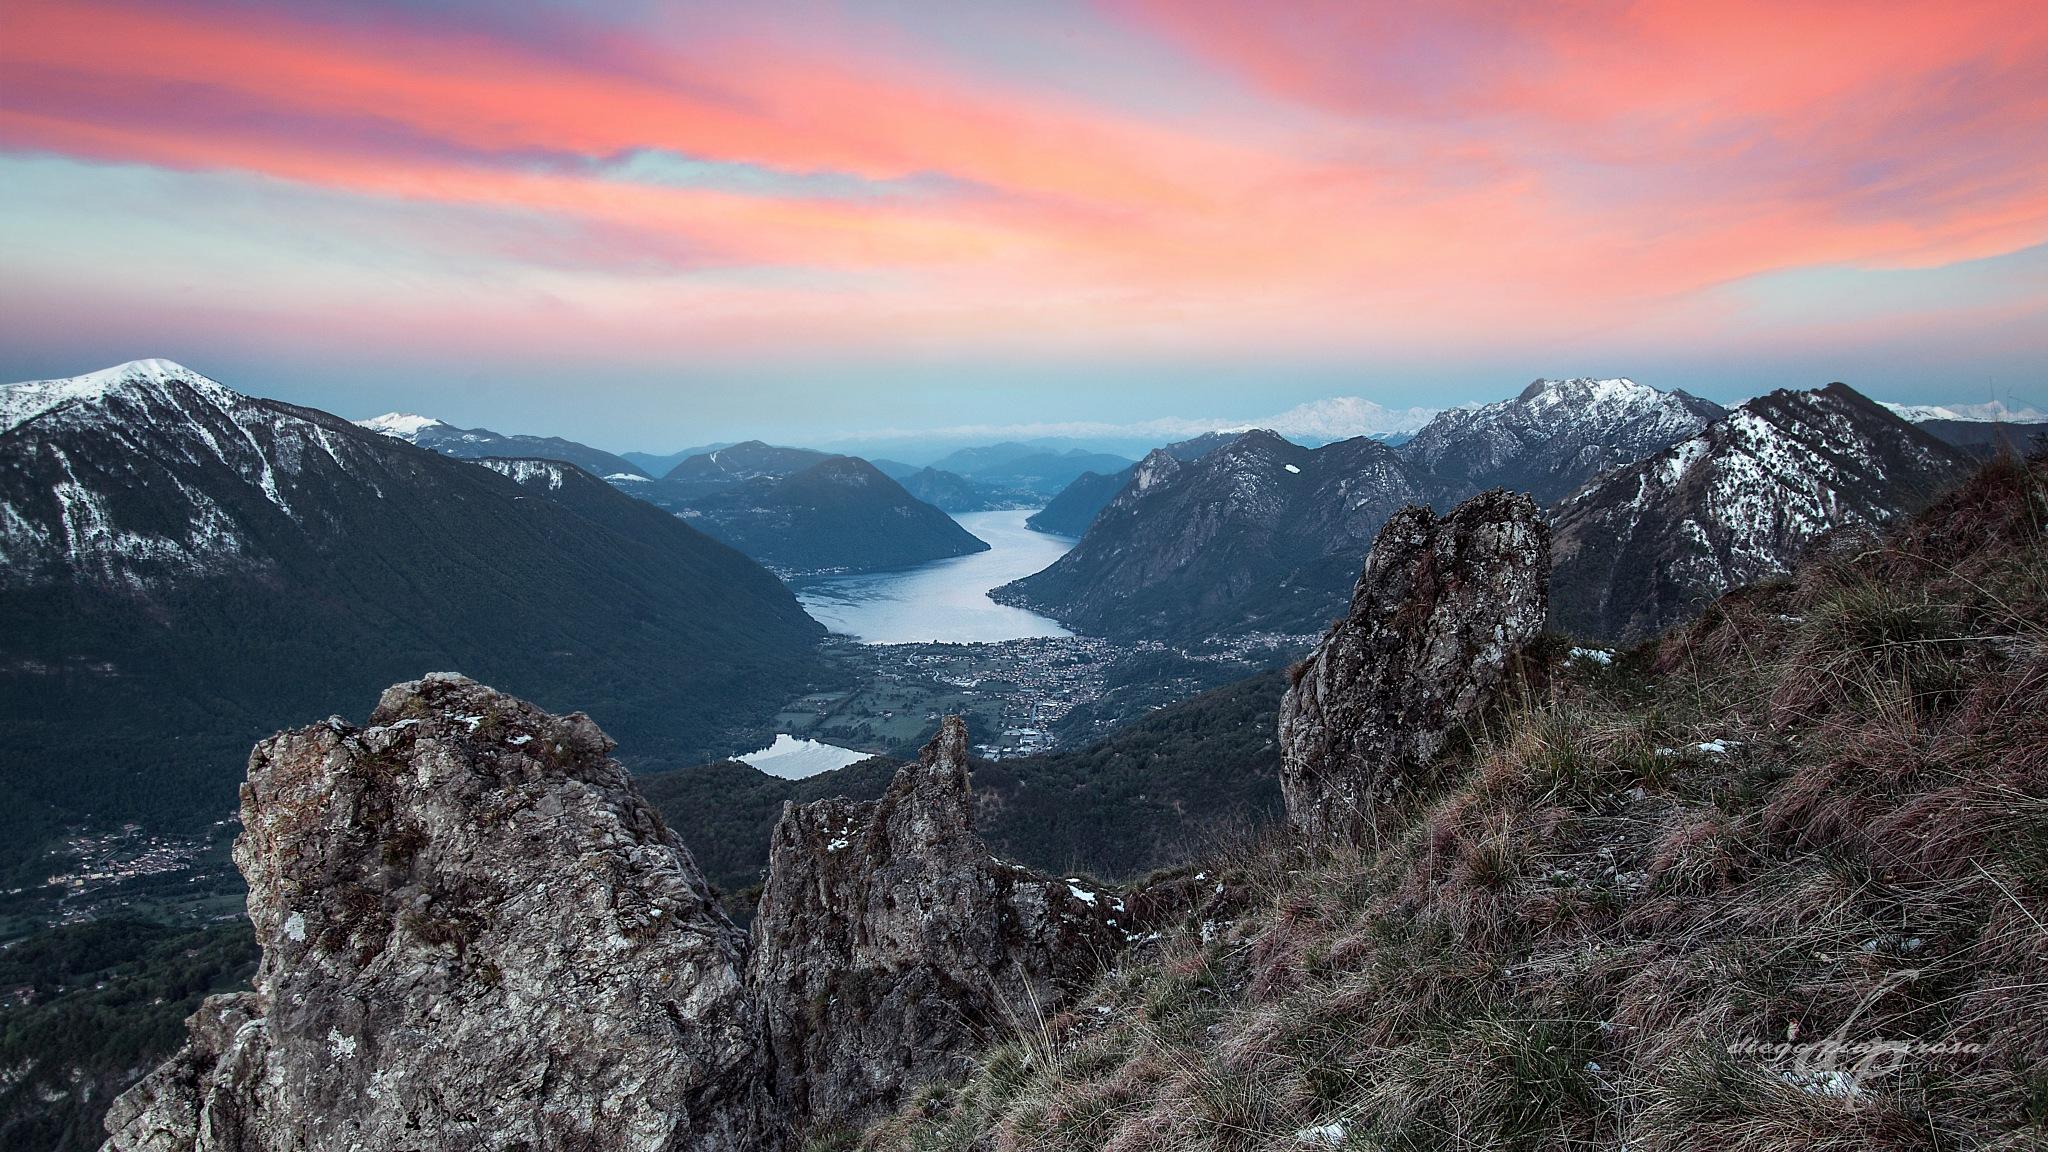 Alba sul lago di Lugano by Diego Pianarosa